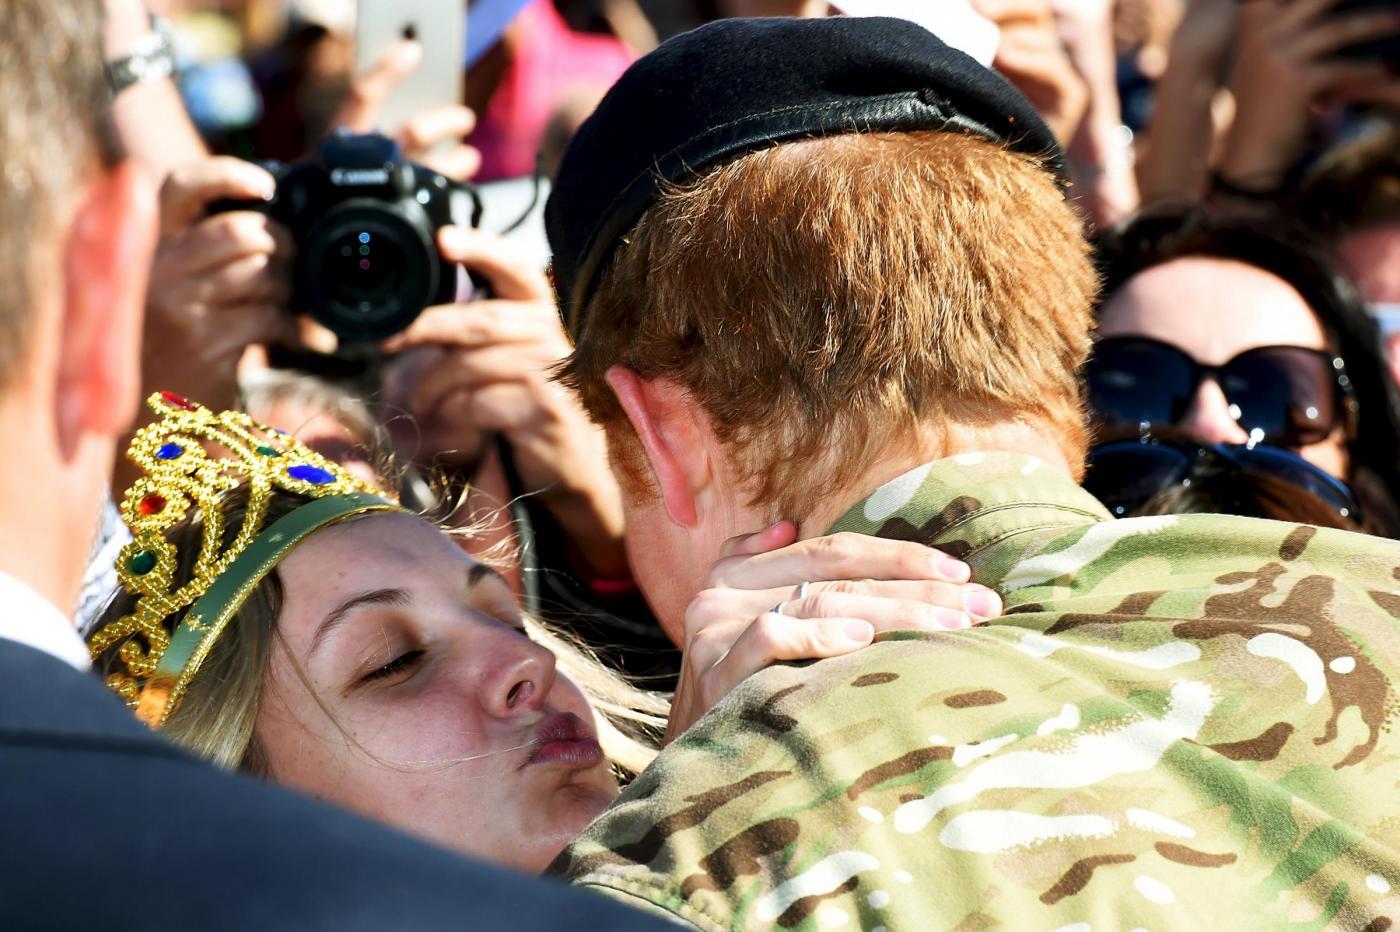 Proposta di matrimonio per il Principe Harry: la risposta alla fan australiana